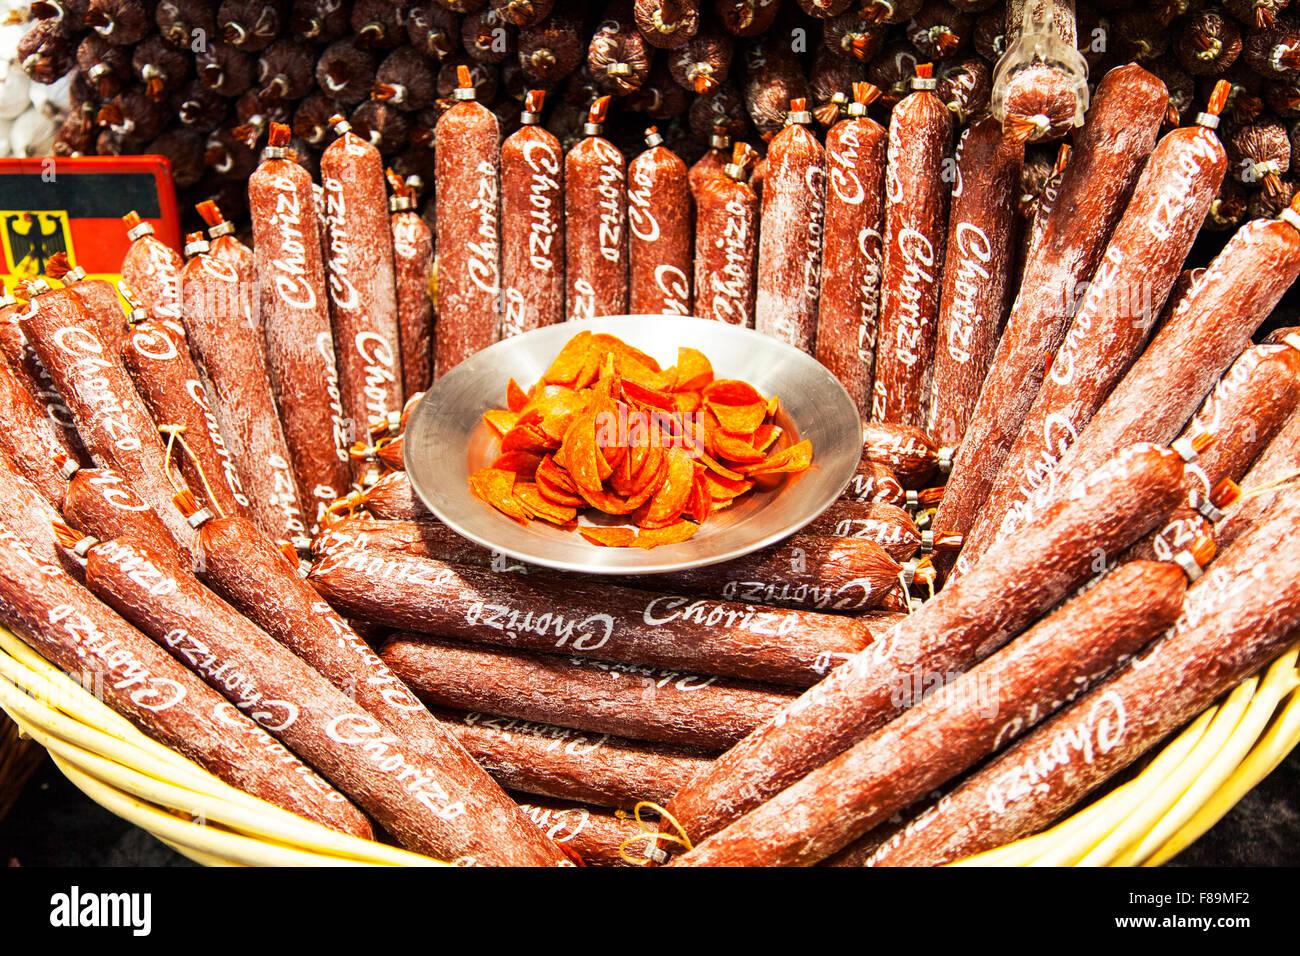 Il salame chorizo spagnolo salsicce piccanti salame di carne speziata carnosa snack starter delicatessen display Immagini Stock